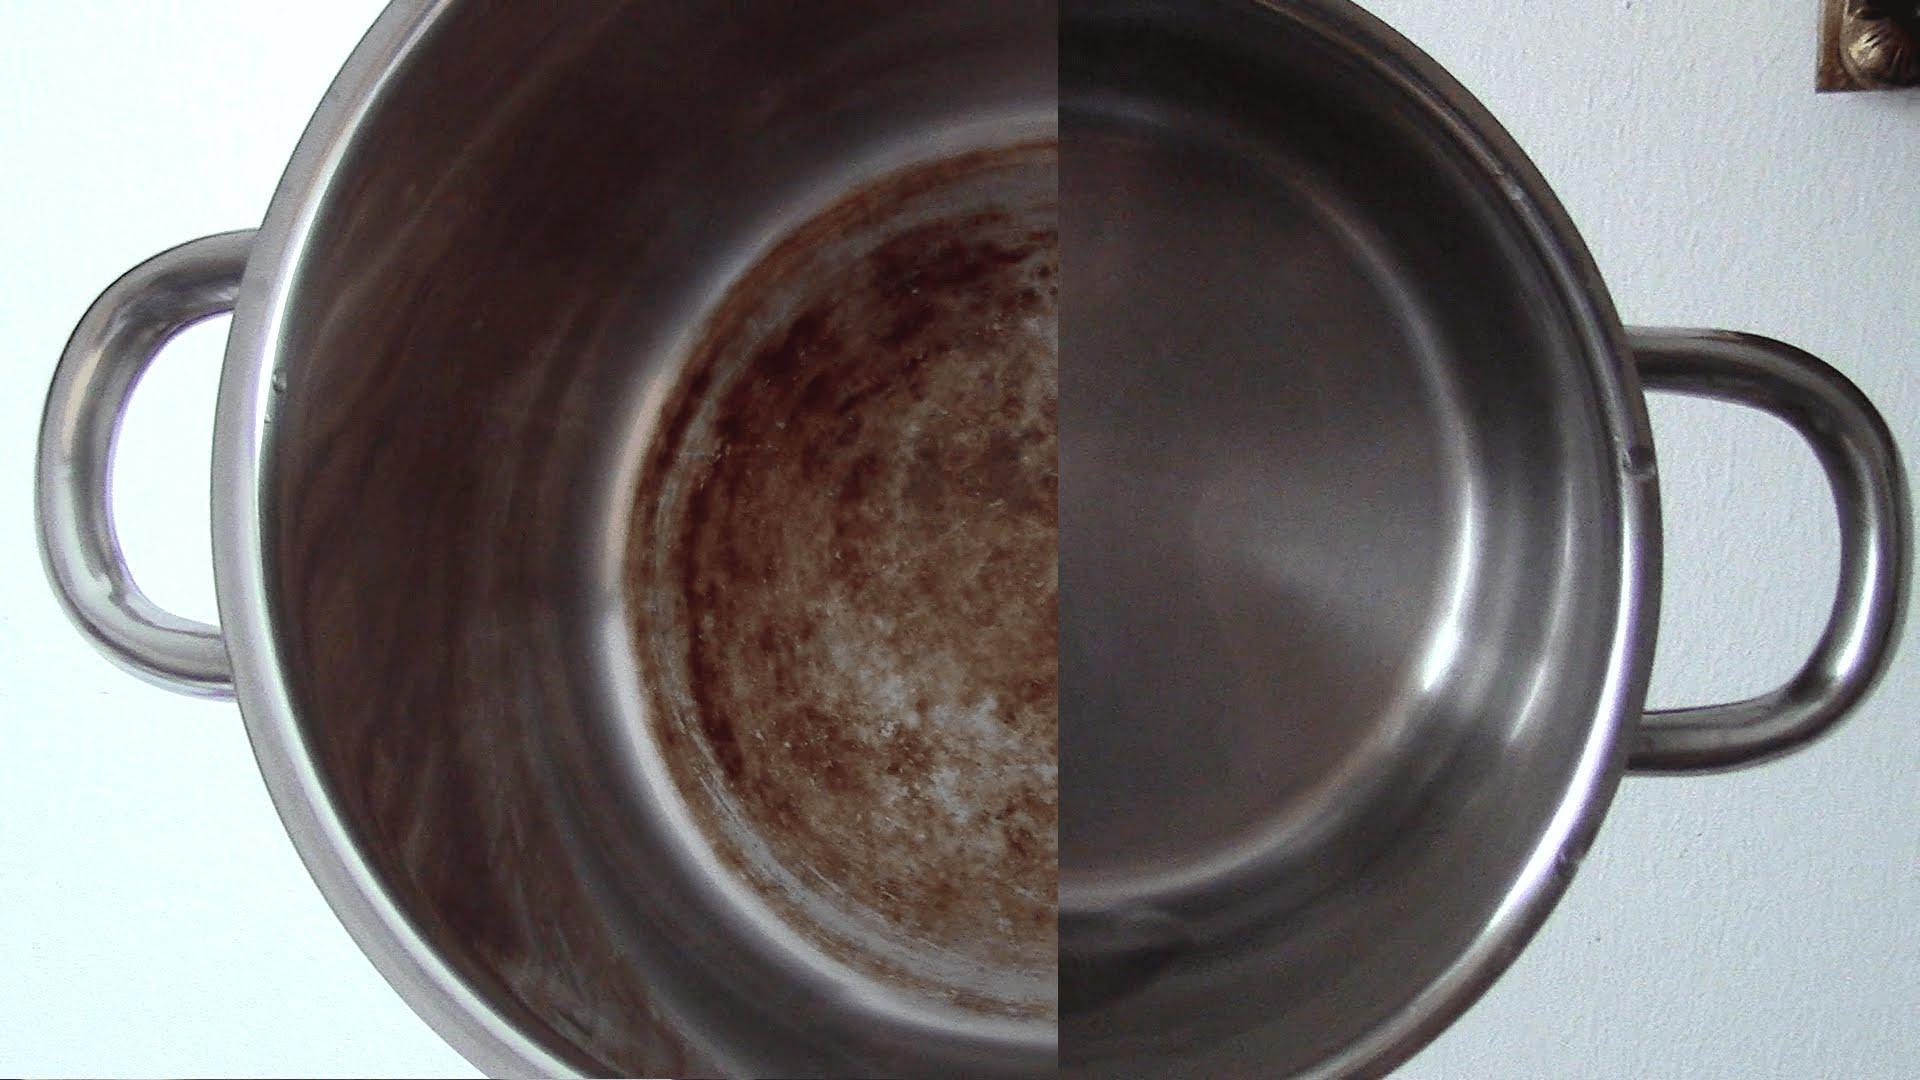 Как отмыть эмалированную кастрюлю от луковой шелухи Рекомендации товароведов Правильное питание